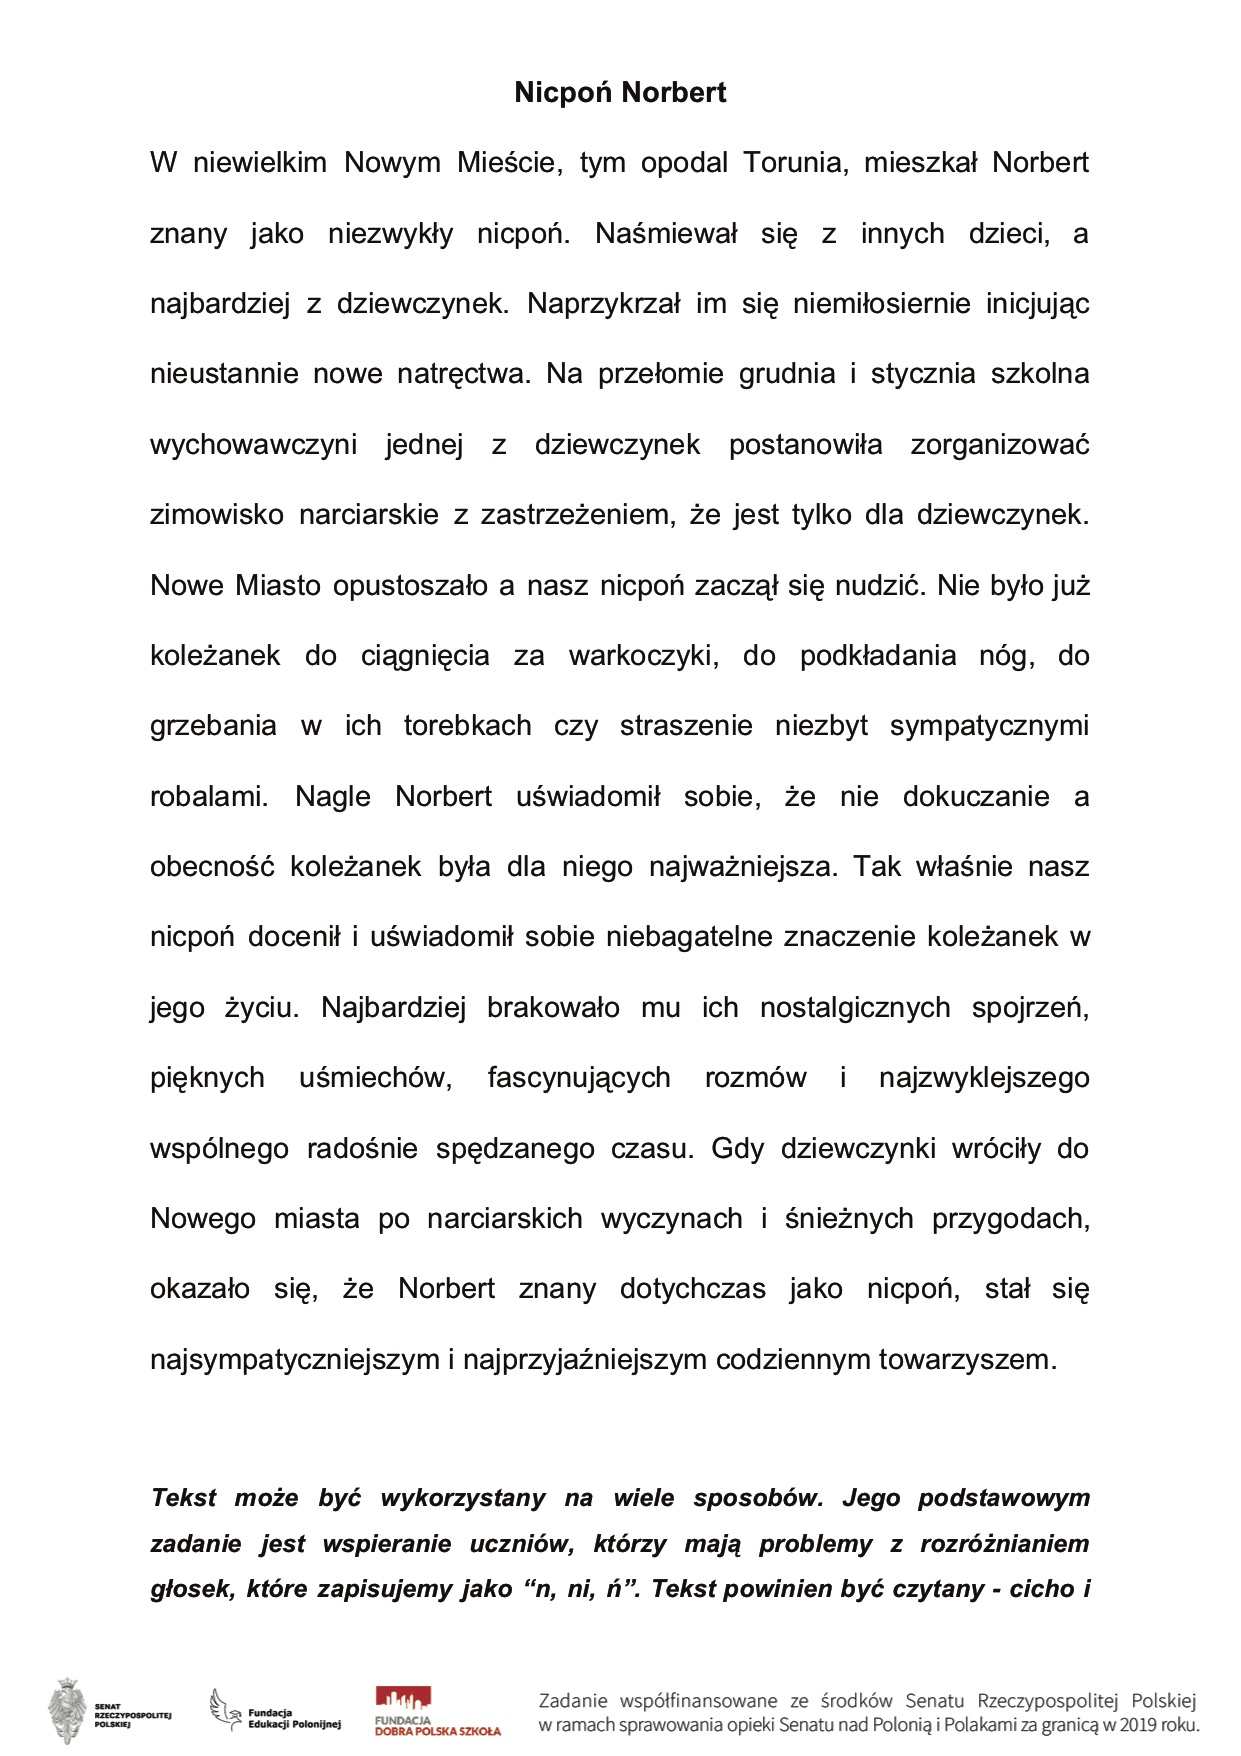 Wiersze Jana Brzechwy W Wersji Dwujęzycznej Polonijny